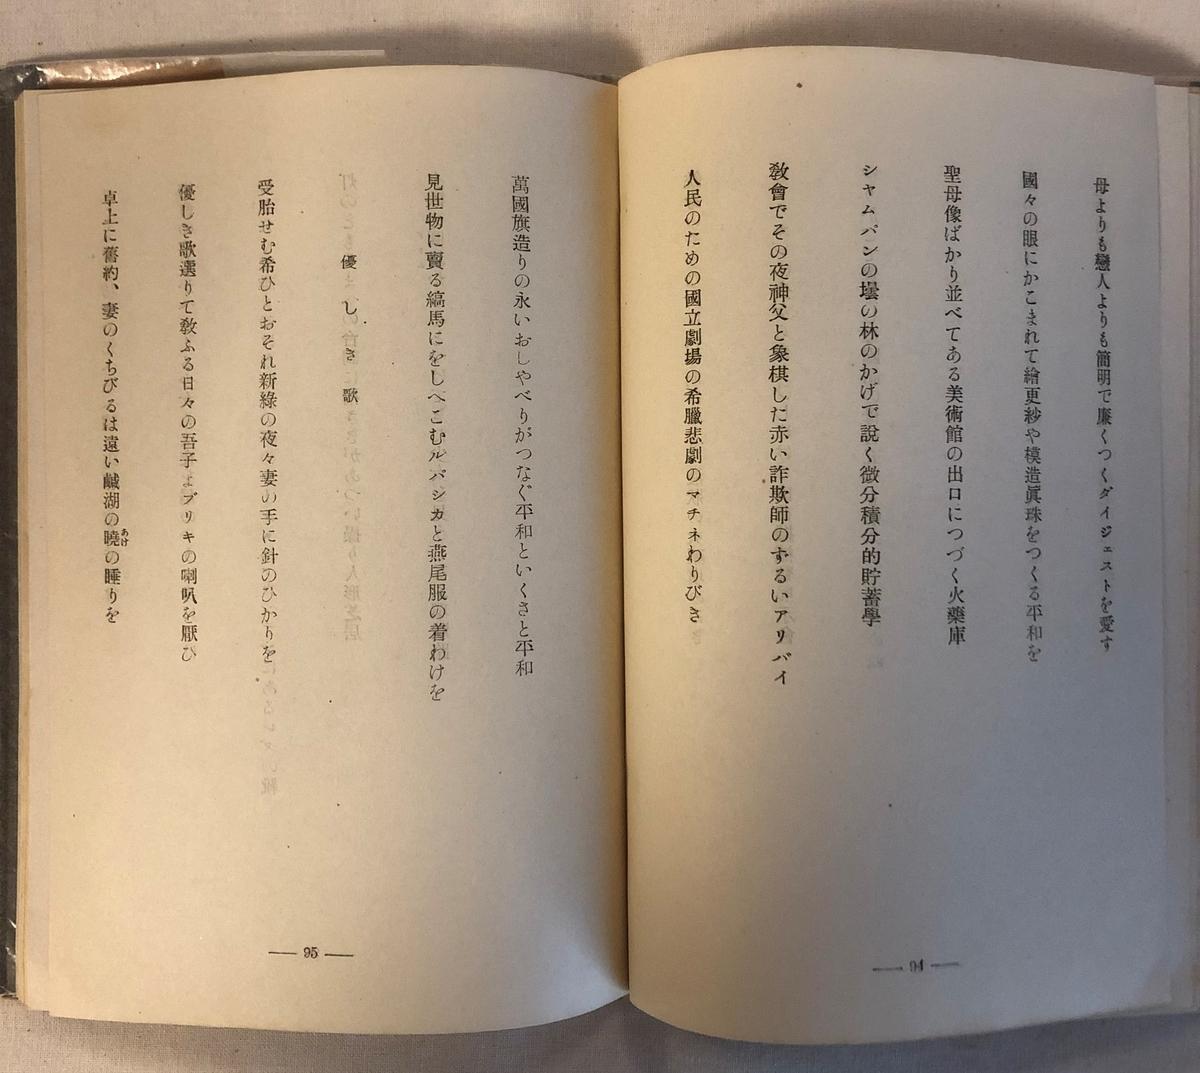 f:id:yomoyamayomoyama:20190417180216j:plain